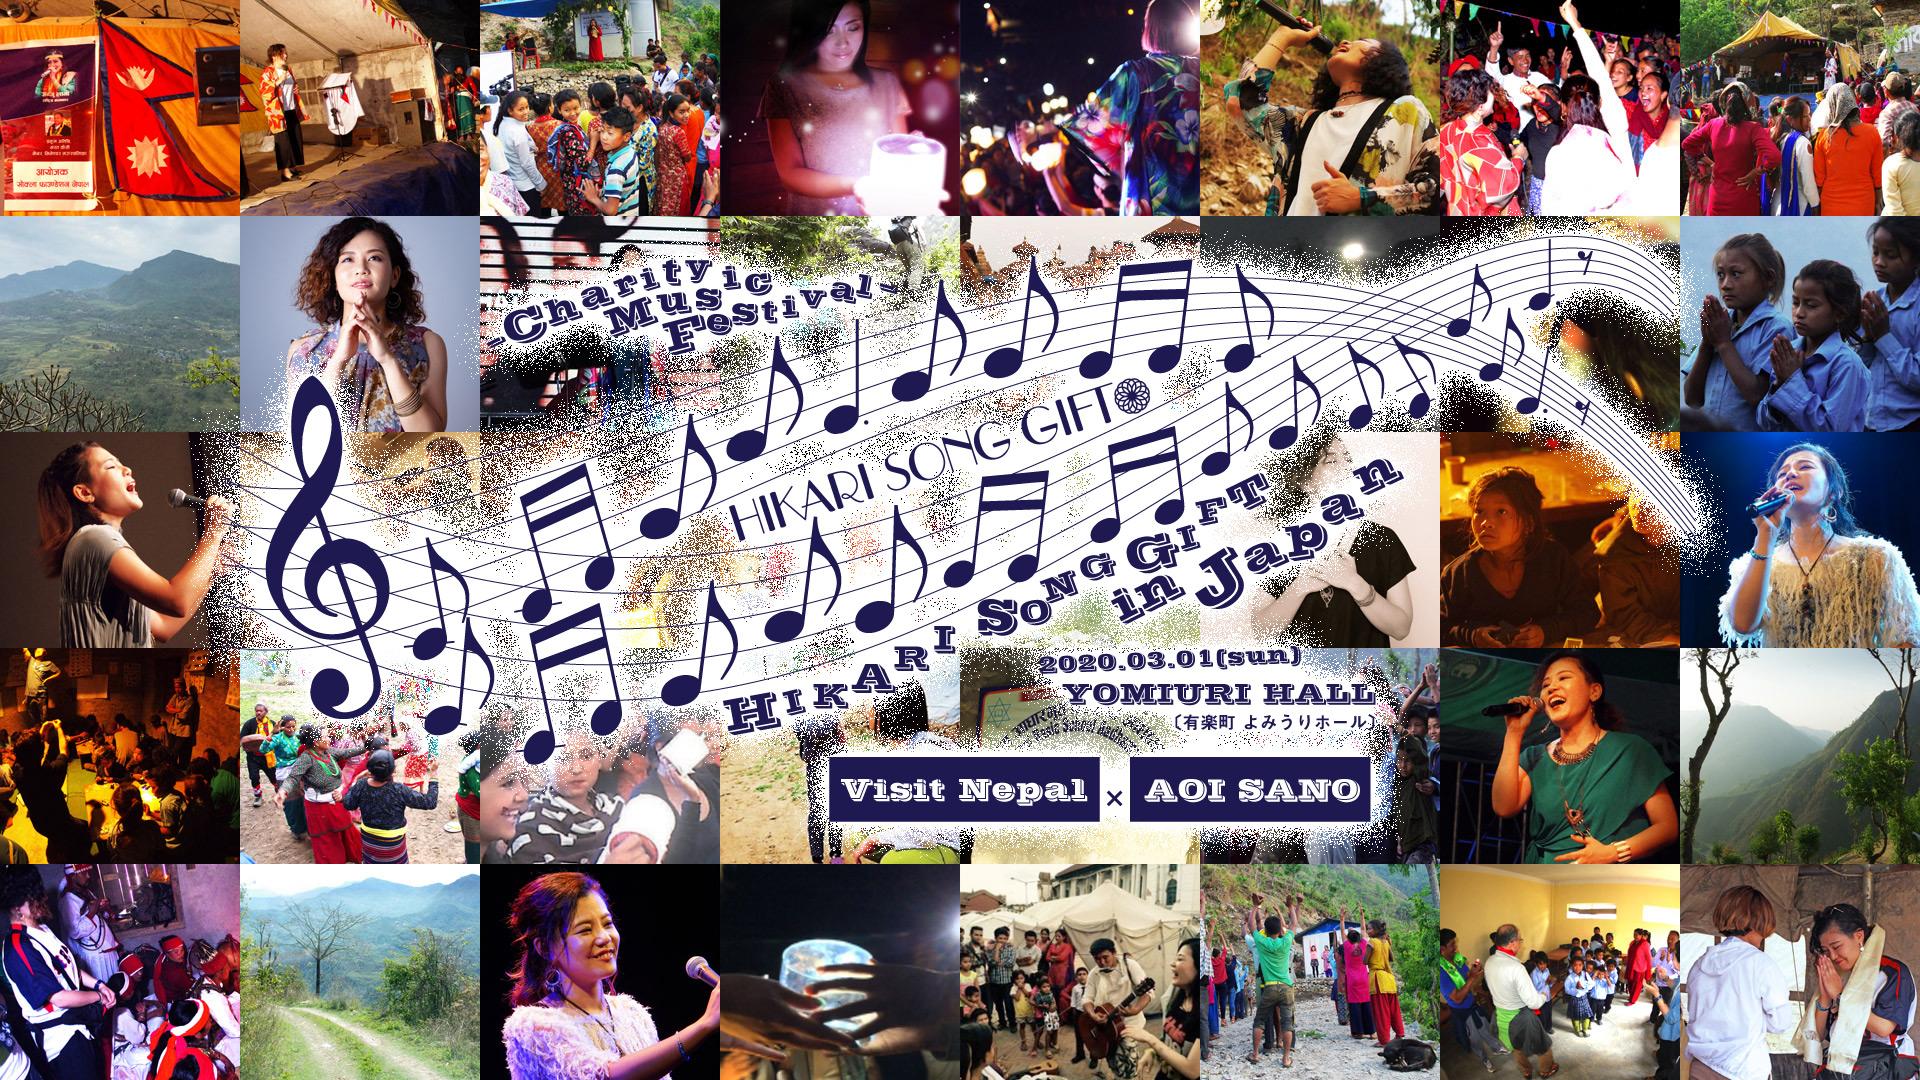 チャリティーイベント『HIKARI SONG GIFT』1000人フリーライブをしたい!